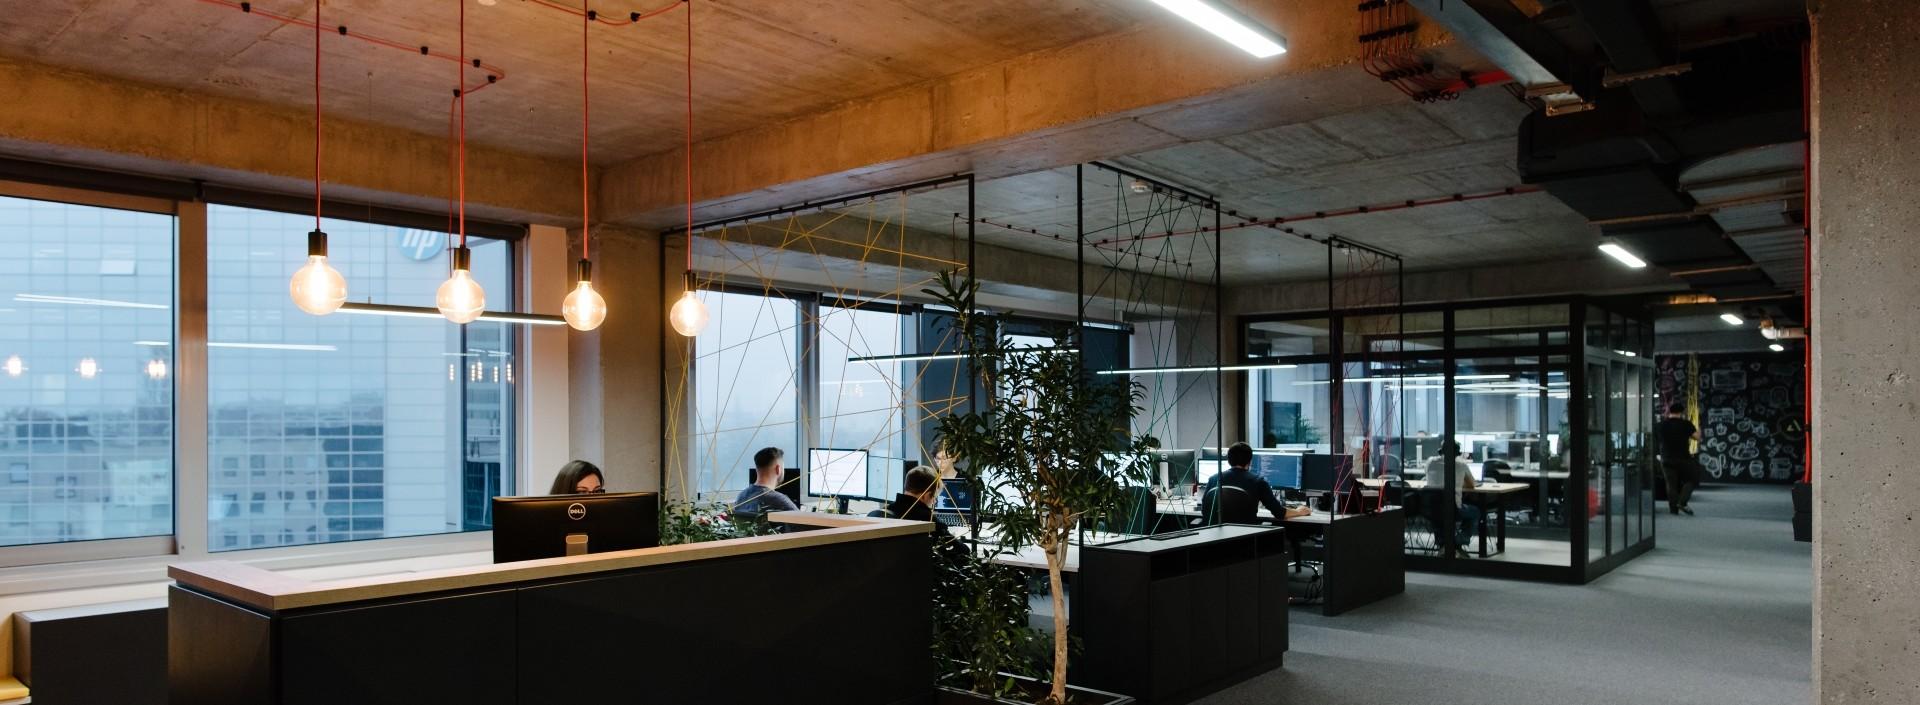 AXILIS Uređenje ureda prema vodećim njujorškim tehnološkim tvrtkama